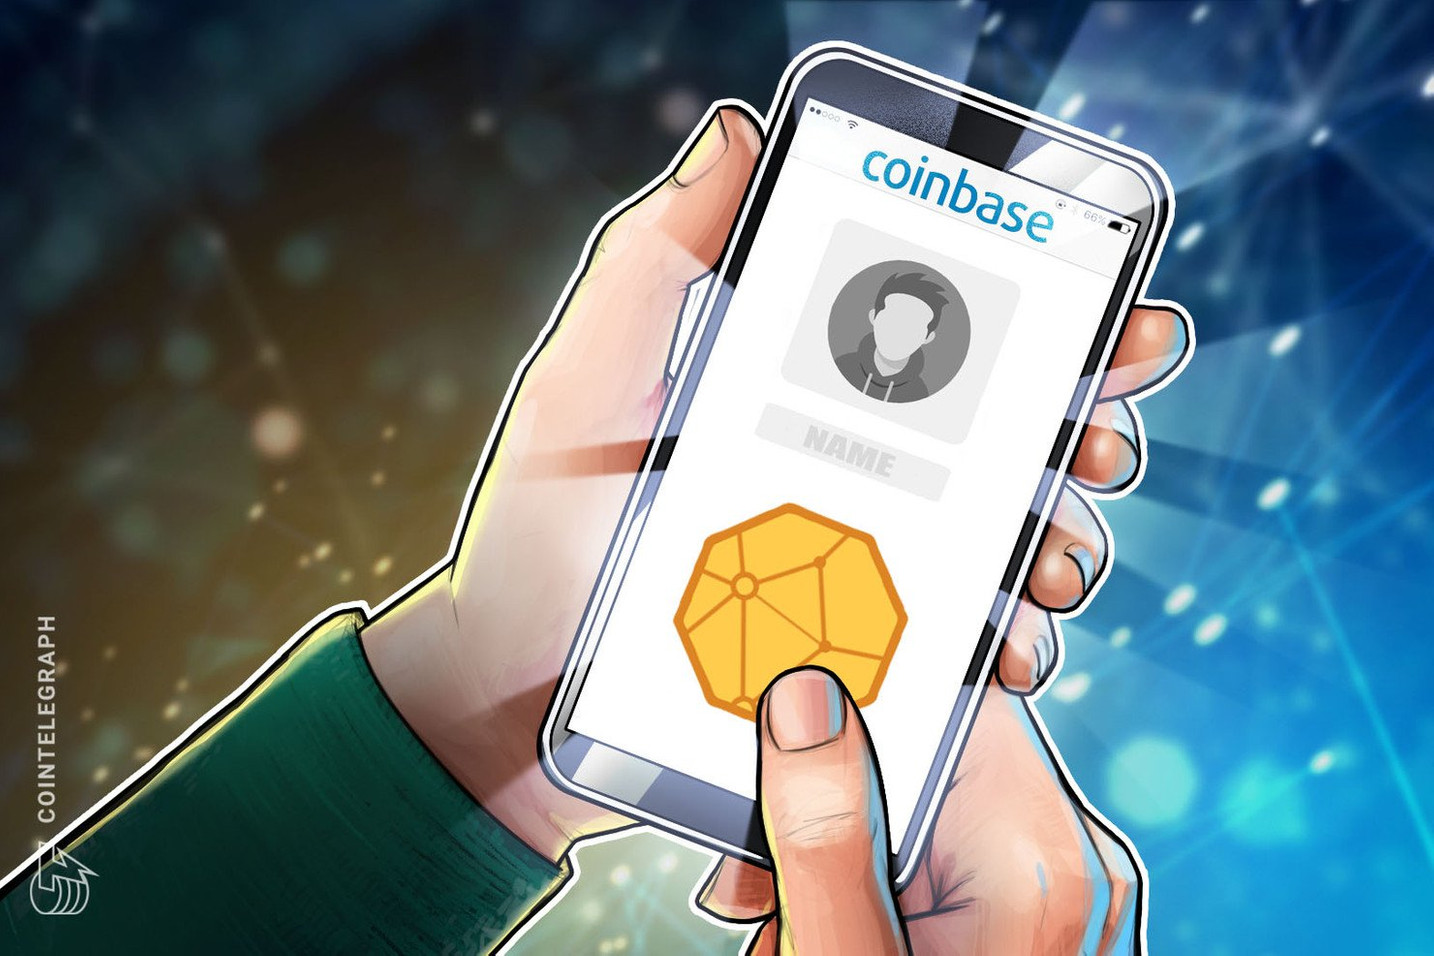 コインベースウォレットに仮想通貨レンディングの新機能、複数のDeFiアプリと連携し、金利管理が容易に